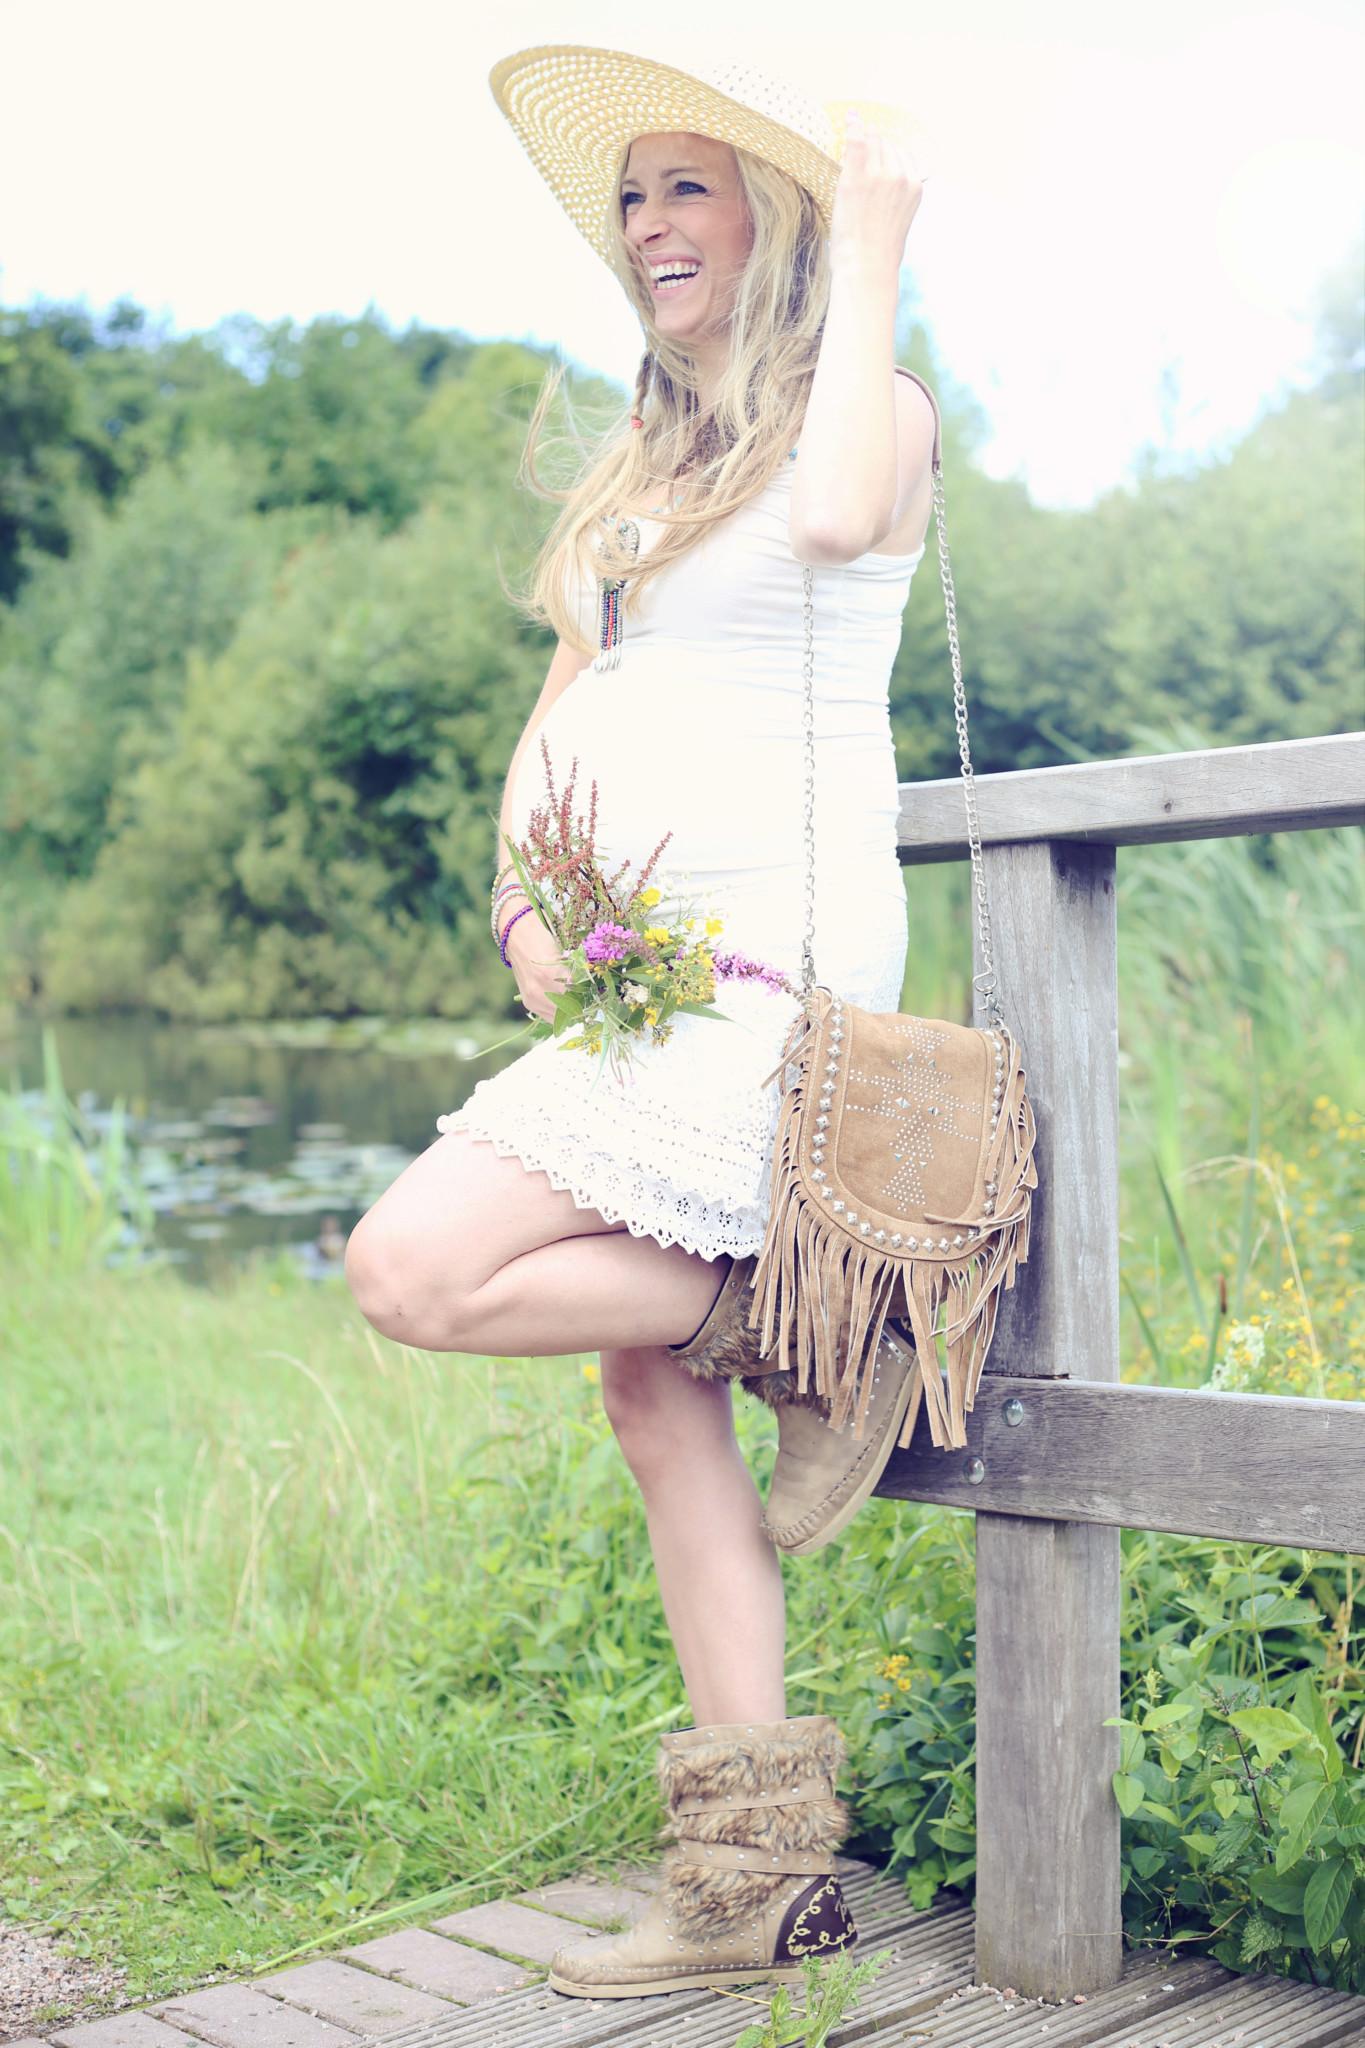 Zwanger - Zwangerschapsfotografie -Suus' FotoSjop- Oldenzaal - Hengelo - Enschede